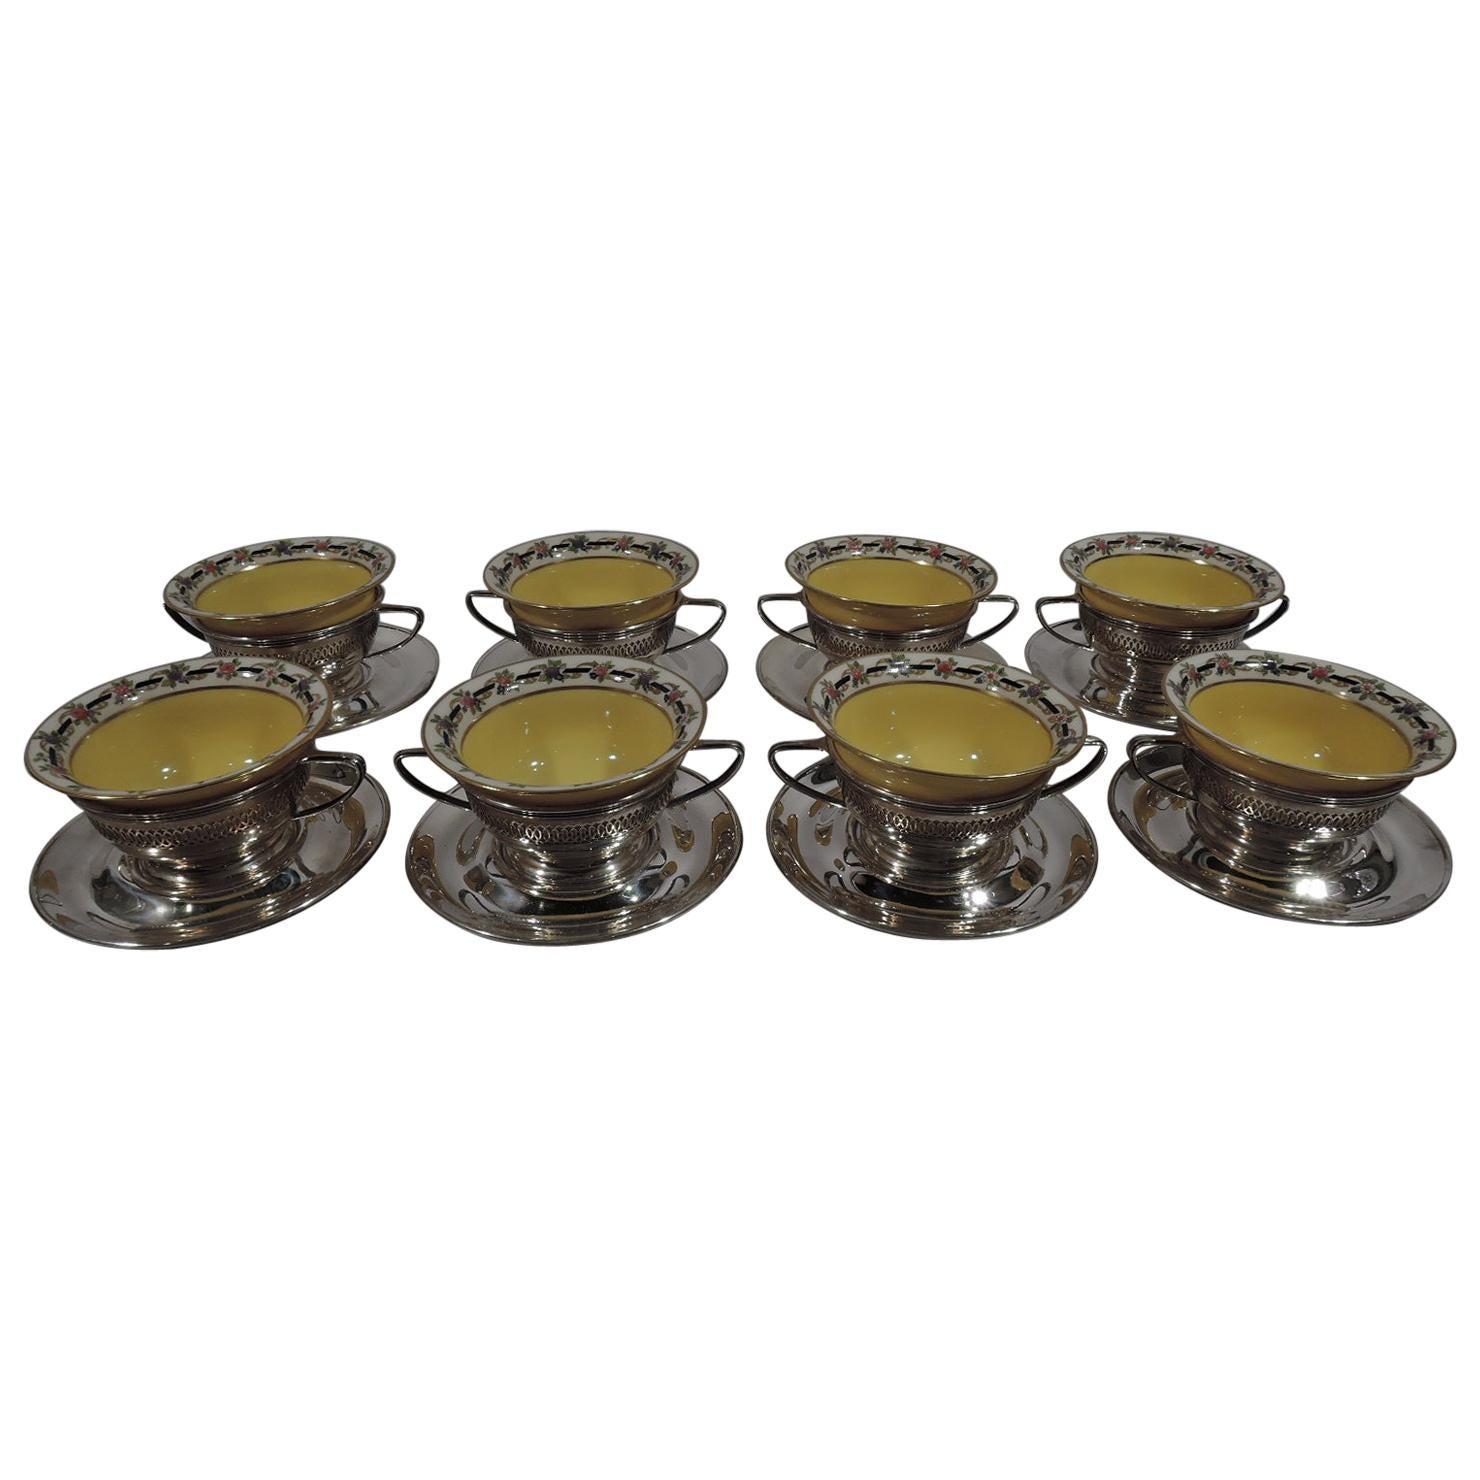 Set of 8 Antique Gorham Bouillon Soup Holders and Lenox Bowls